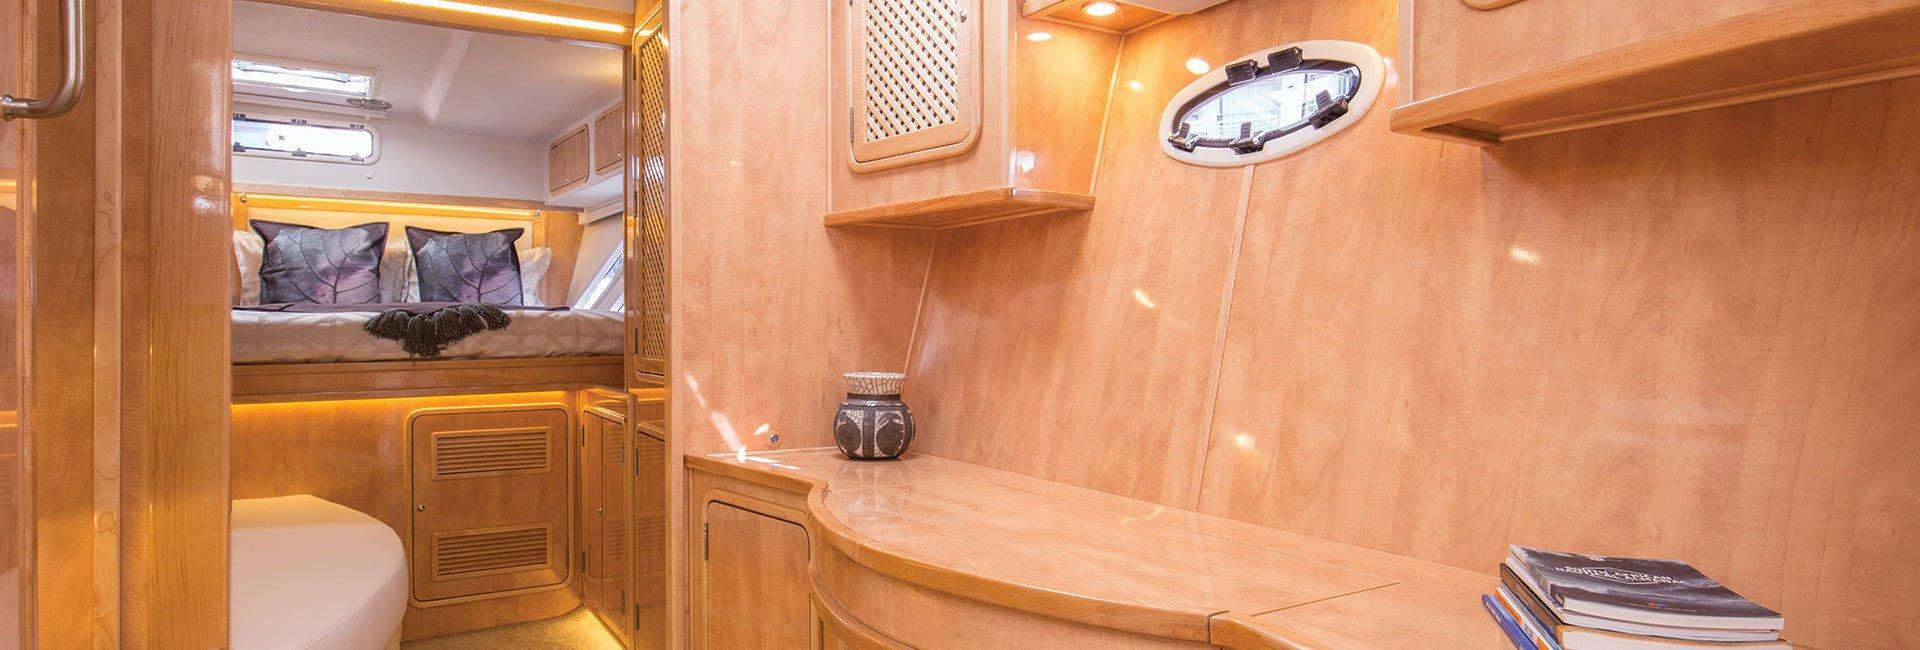 Luxury yacht inside